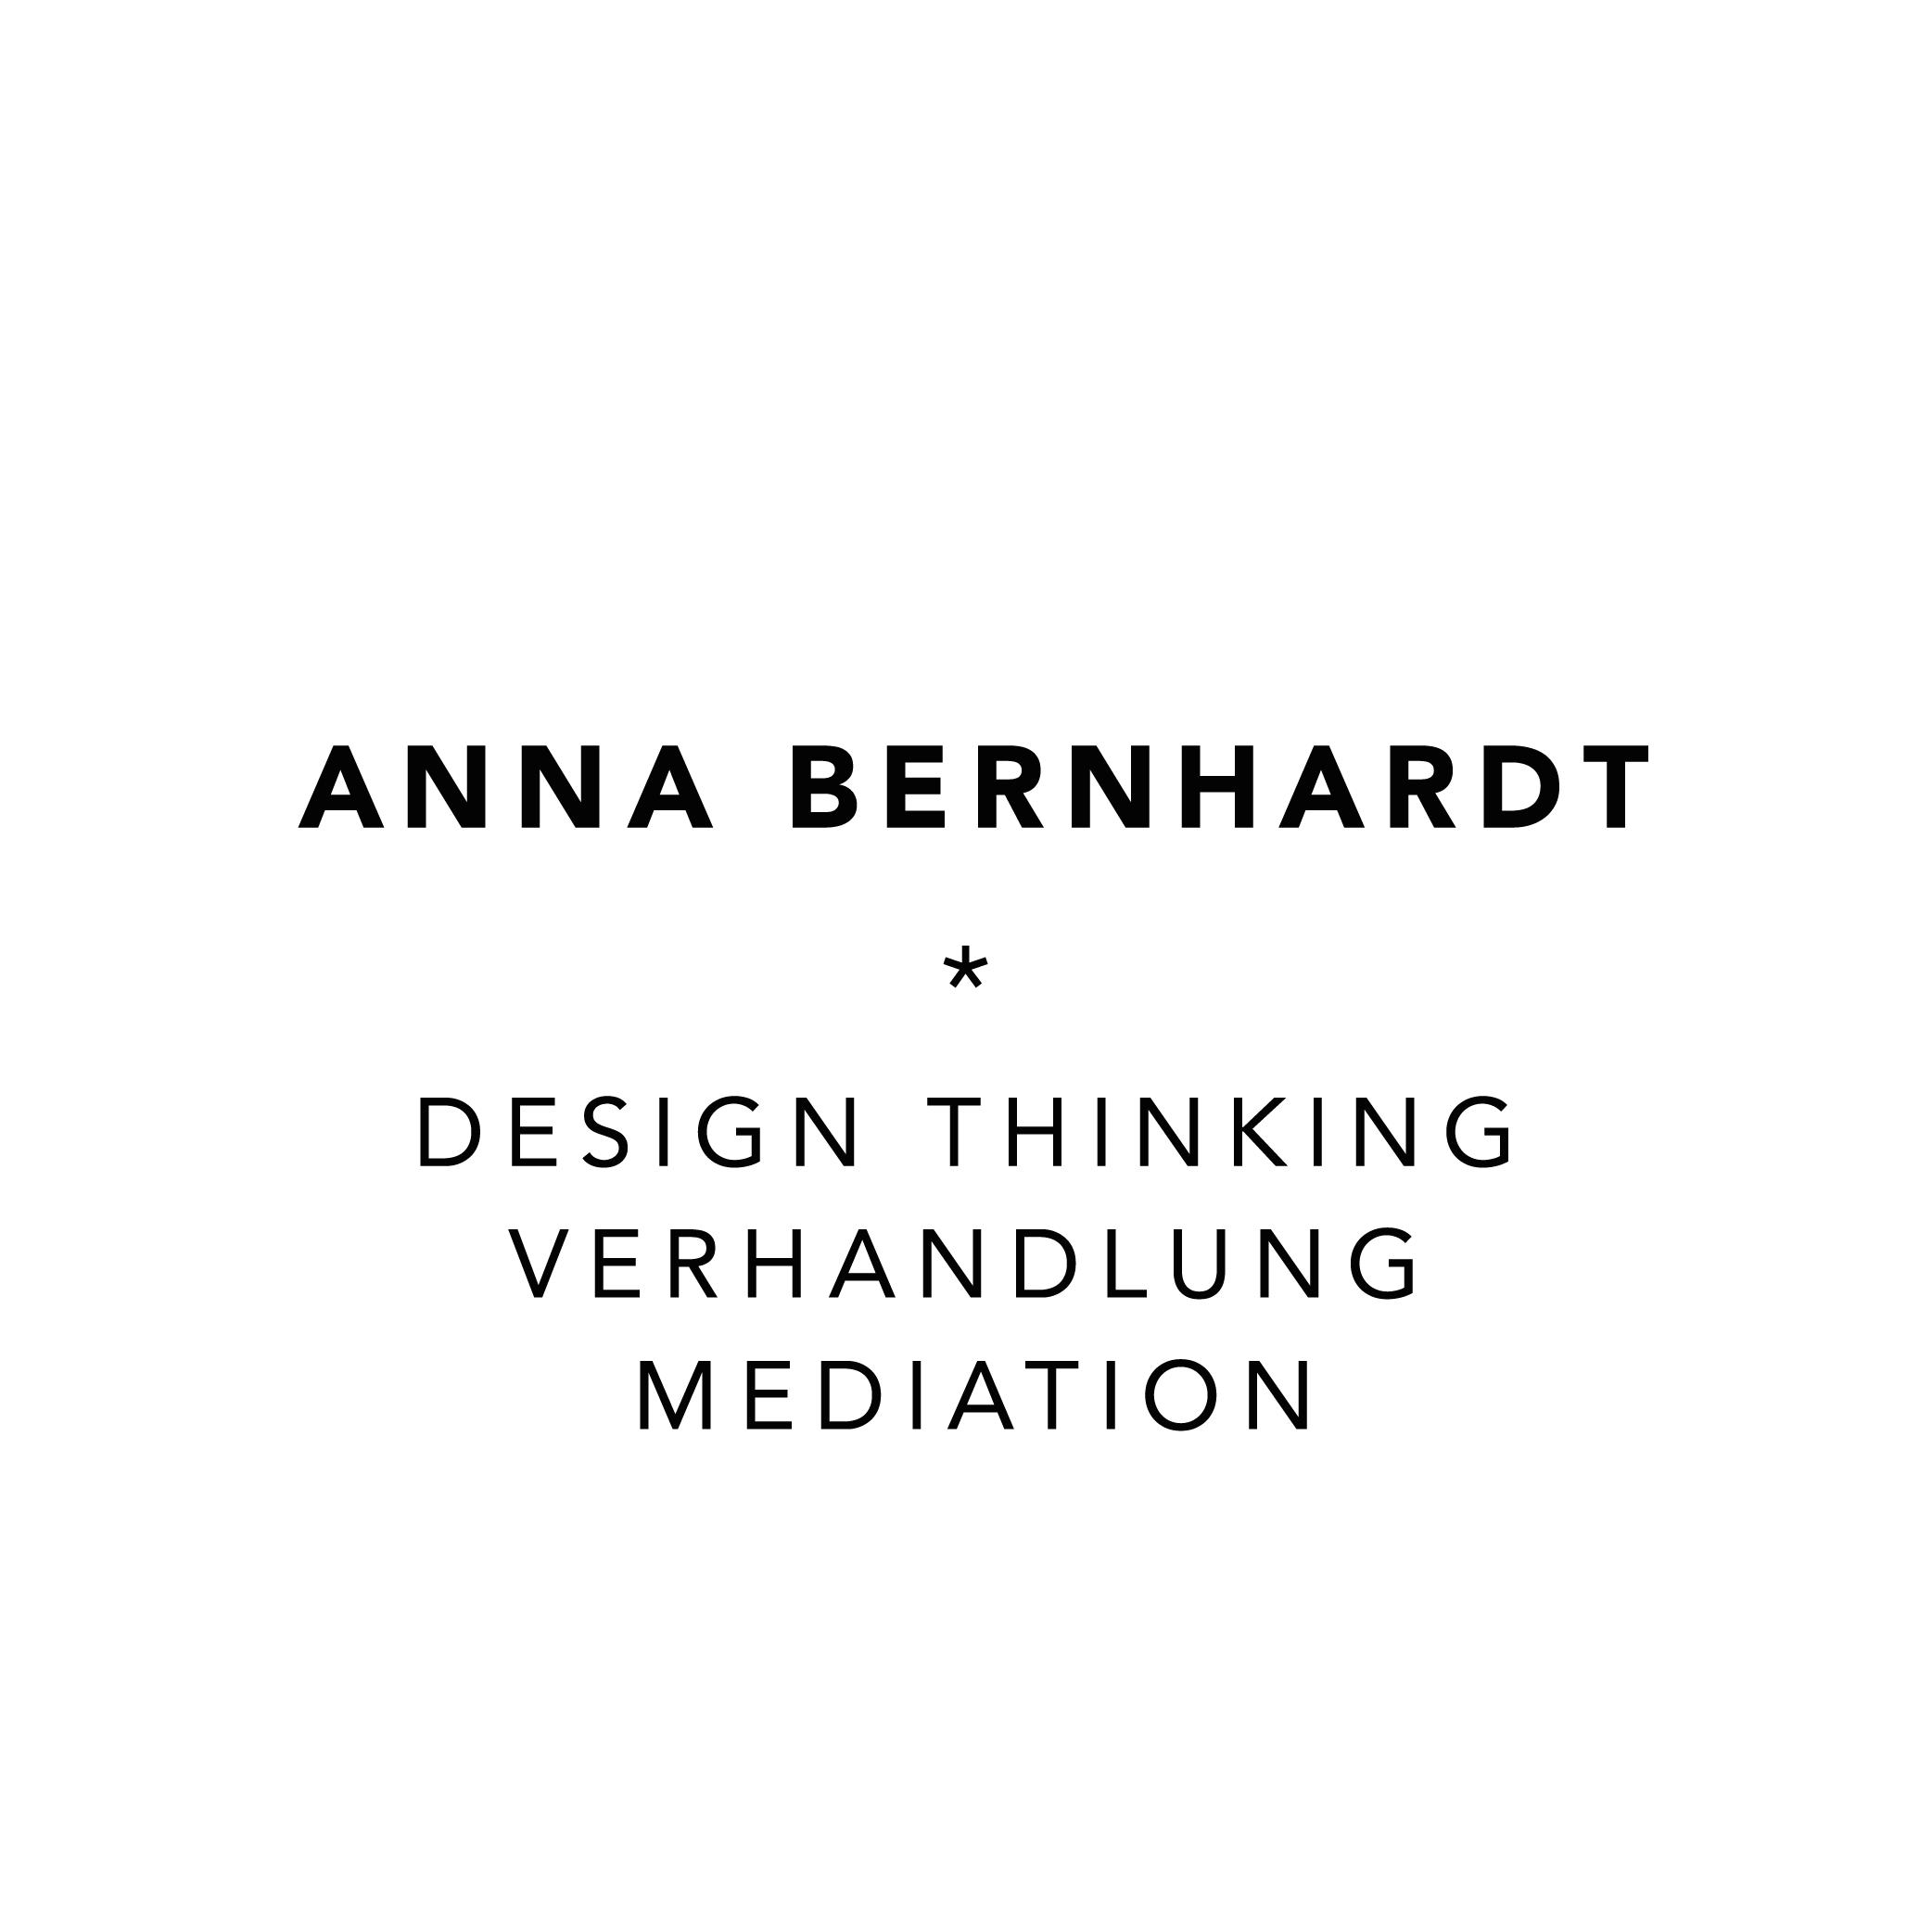 Anna Bernhardt